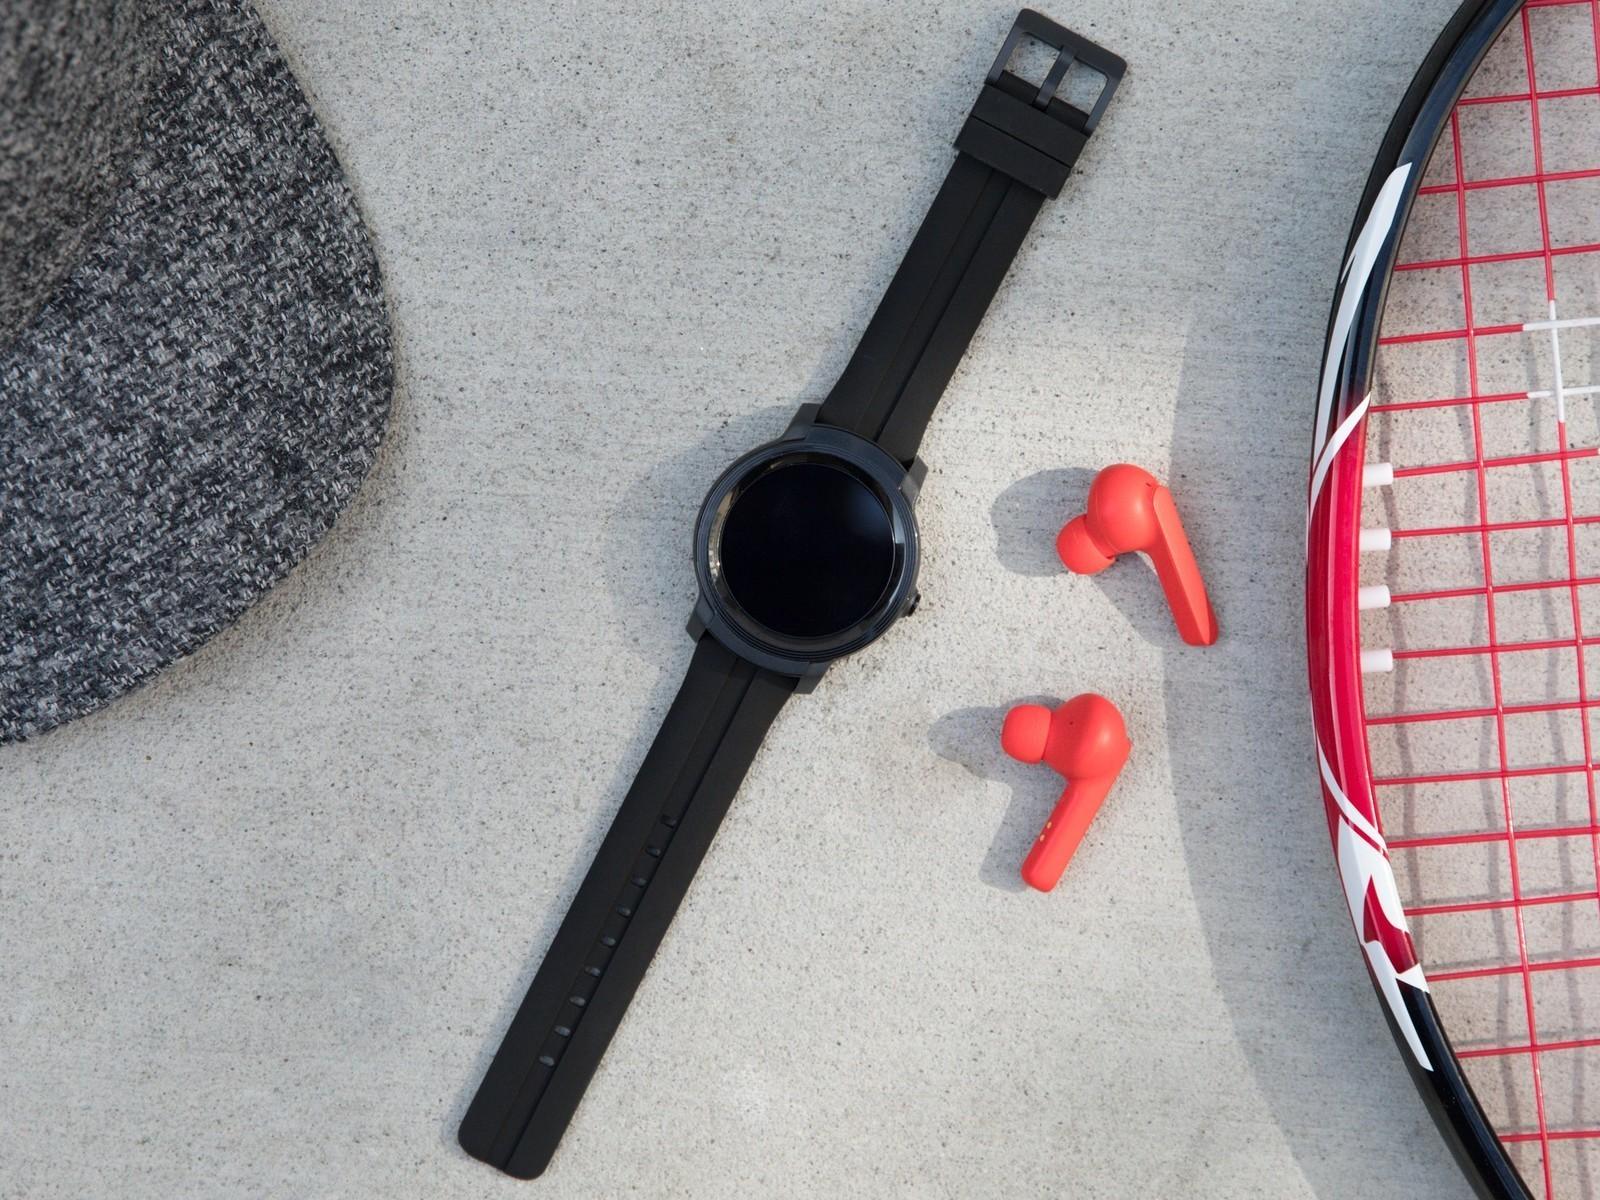 Mobvoi presenta i nuovi Ticwatch E2 e S2: prezzi contenuti e Snapdragon 2100 a bordo